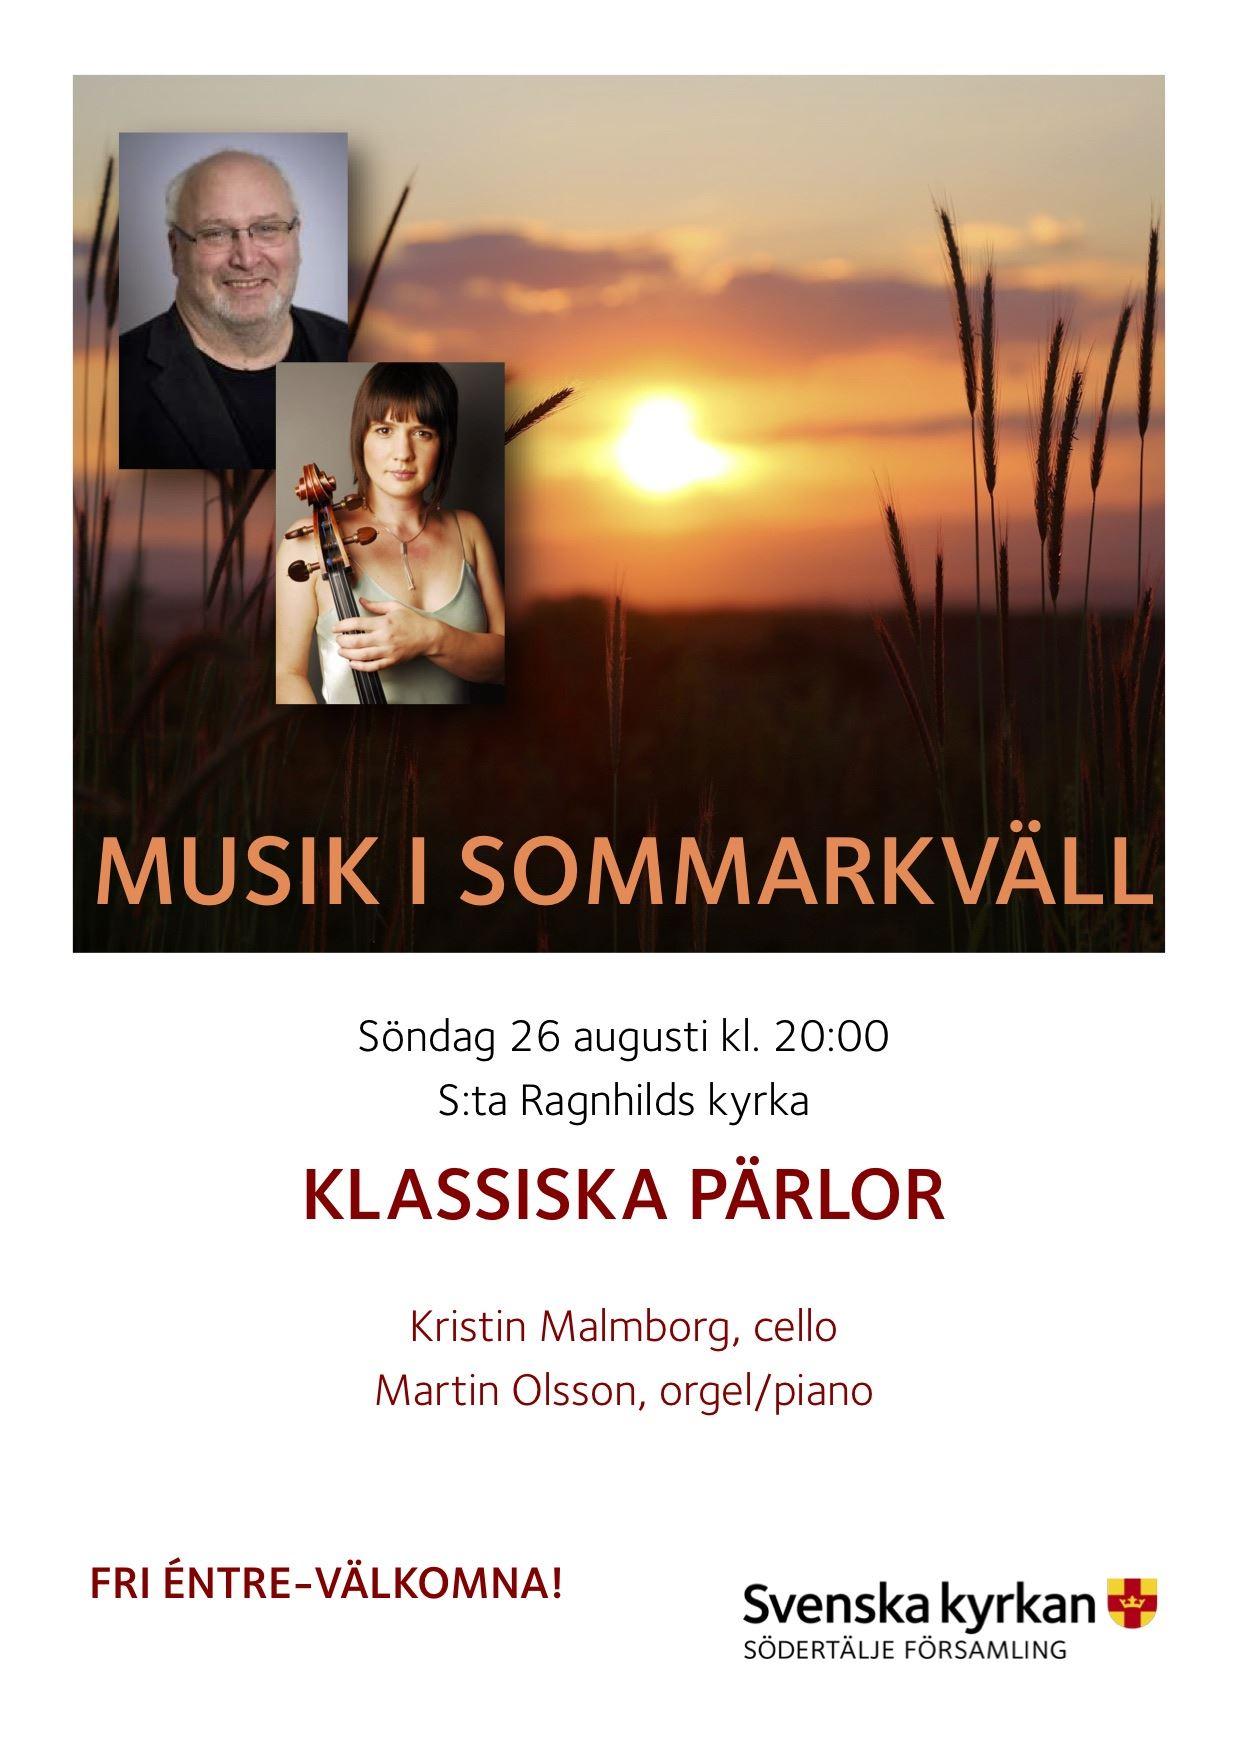 Musik i Sommarkväll i S:t Ragnhilds kyrka